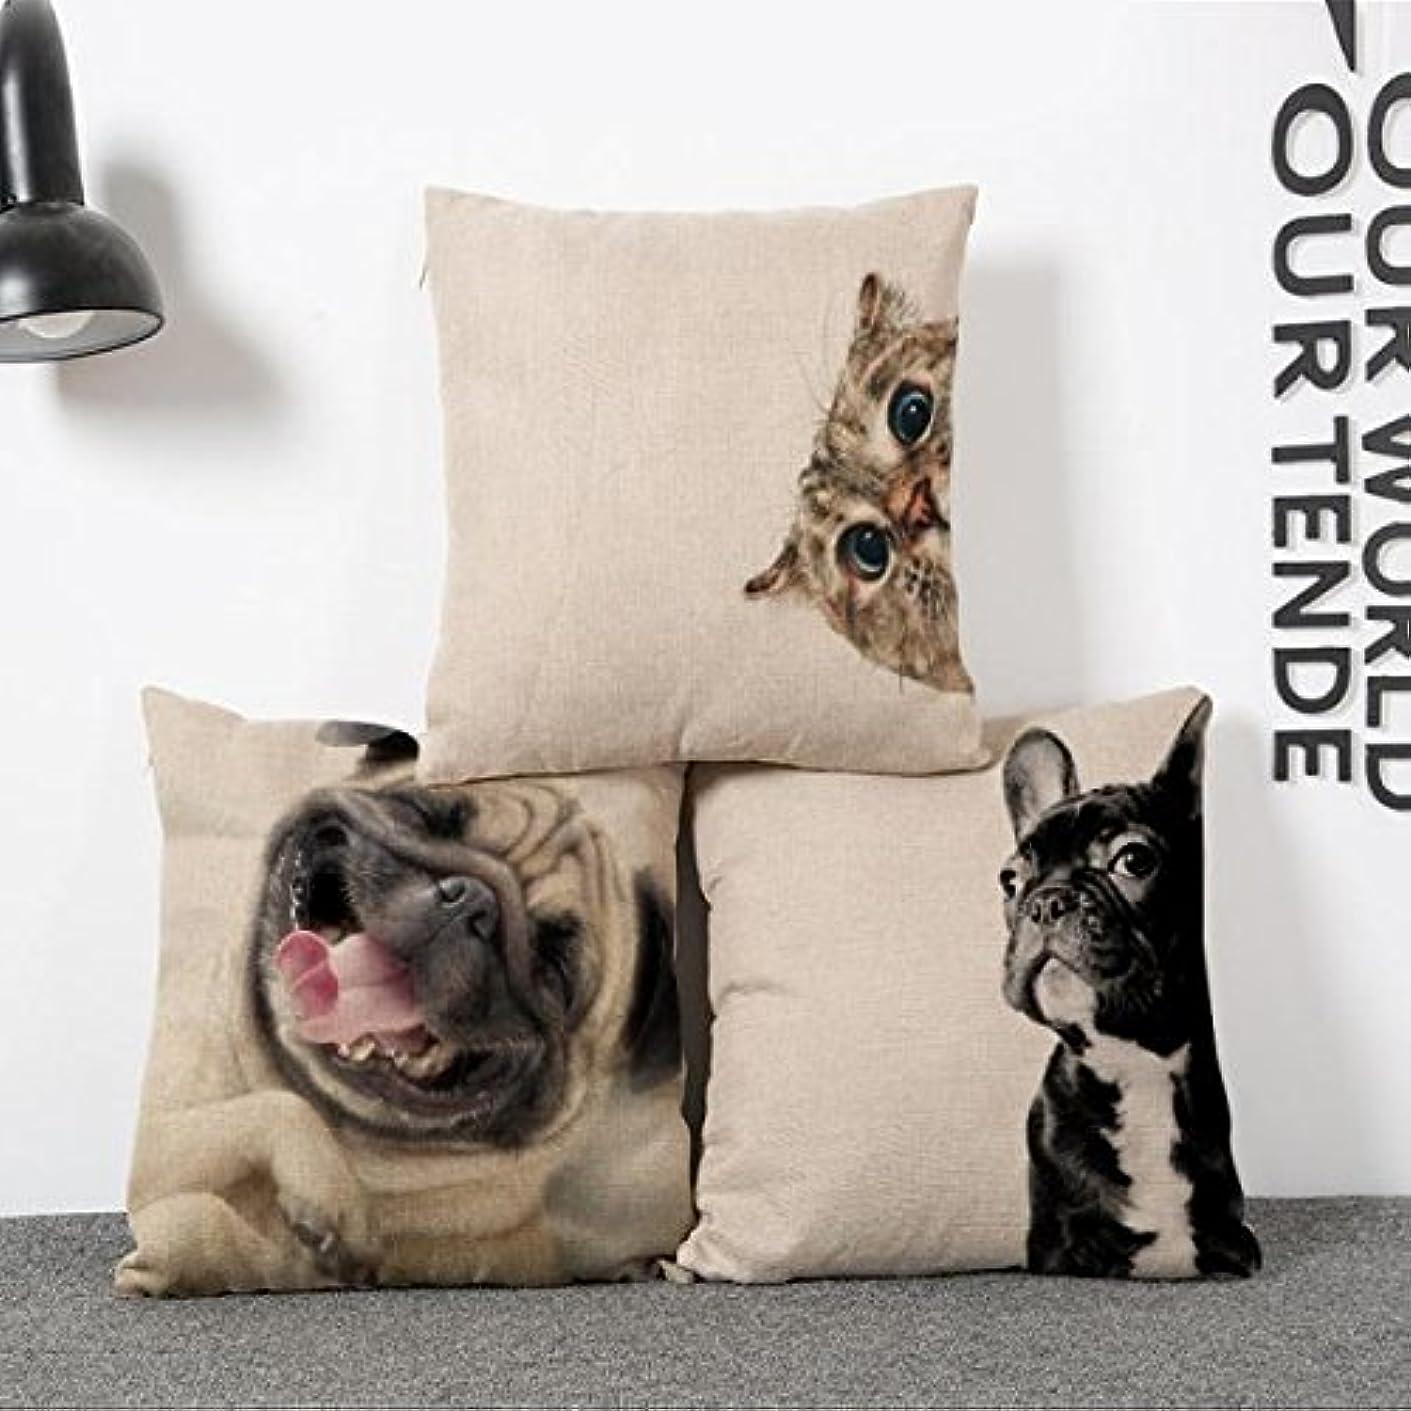 塩知覚一口B Blesiya クッションカバー 枕カバー ベッド ソファ 装飾 45 * 45センチメートル 素敵 犬 コットン リネン